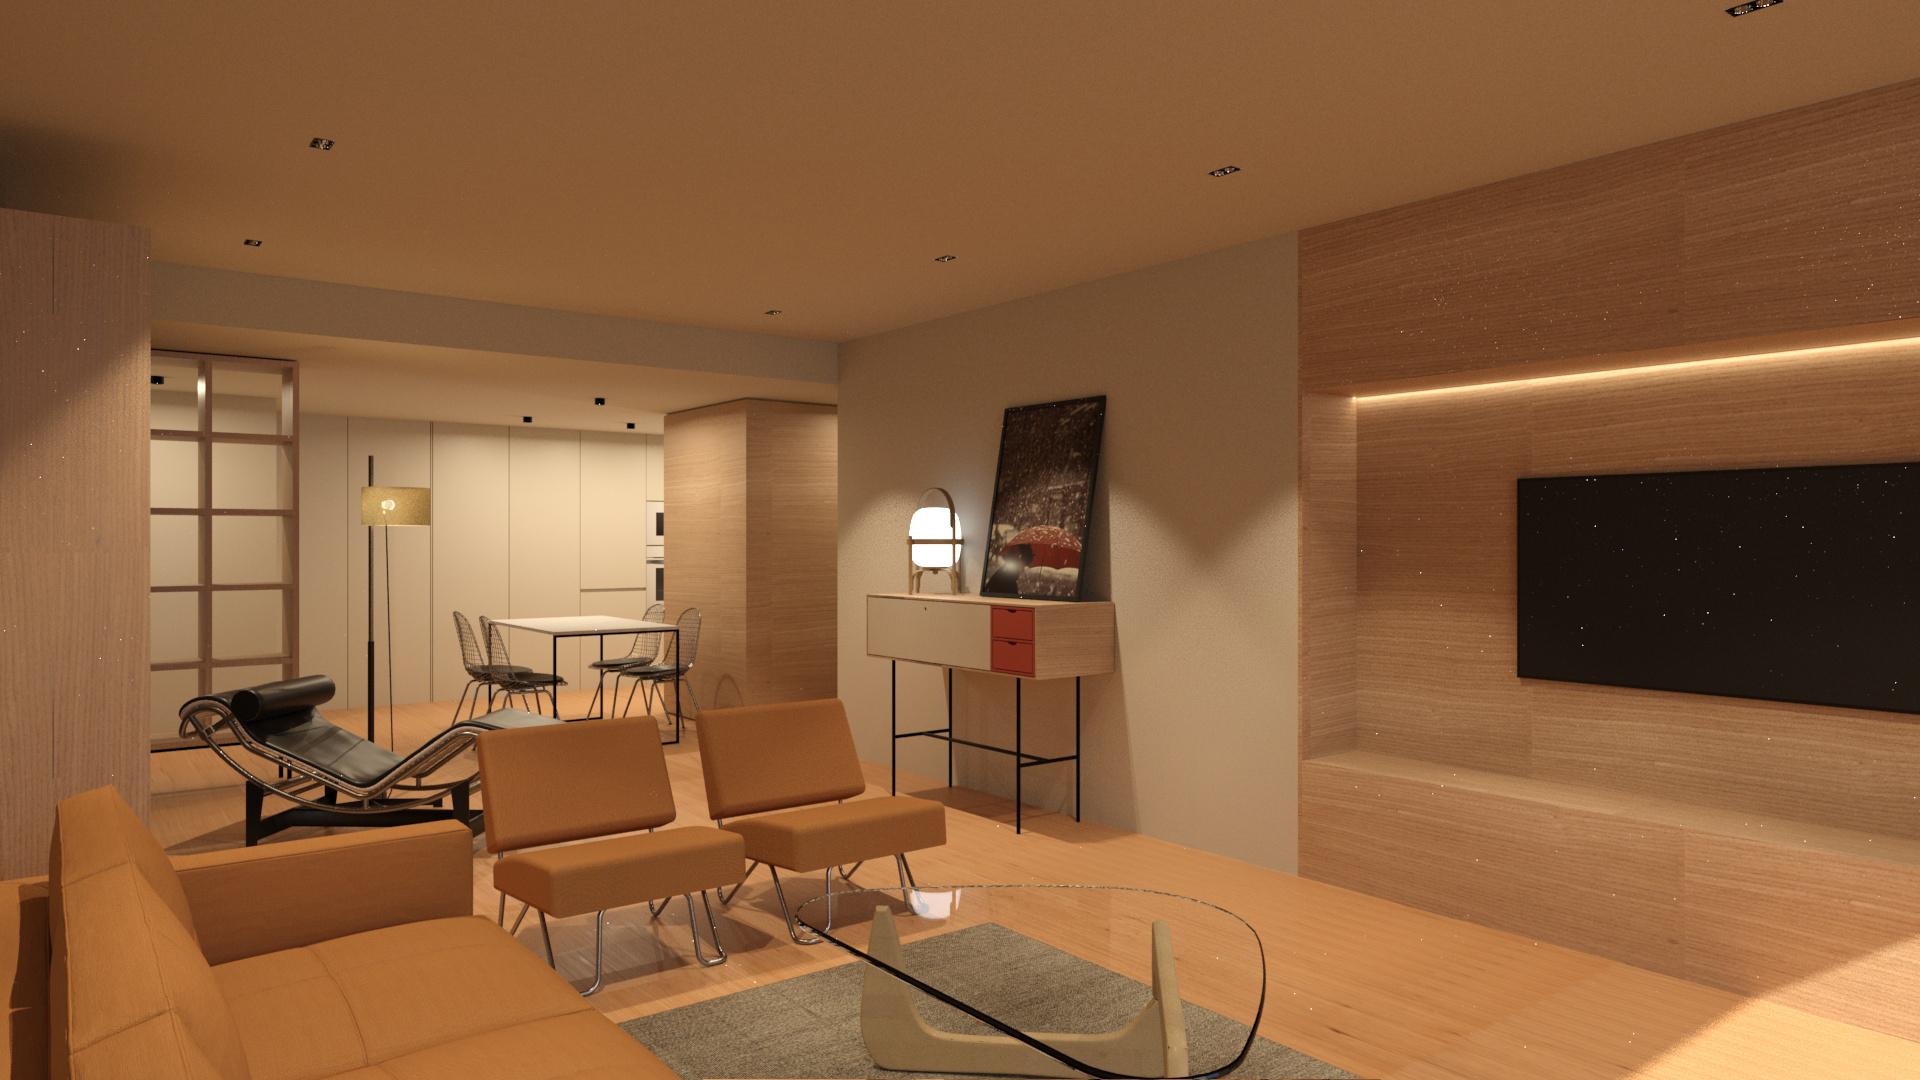 proyecto de arquitectura e interiores y reforma integral llaves en mano de una vivienda en Zaragoza realizado por el estudio de arquitectura y diseño de interiores A54insitu